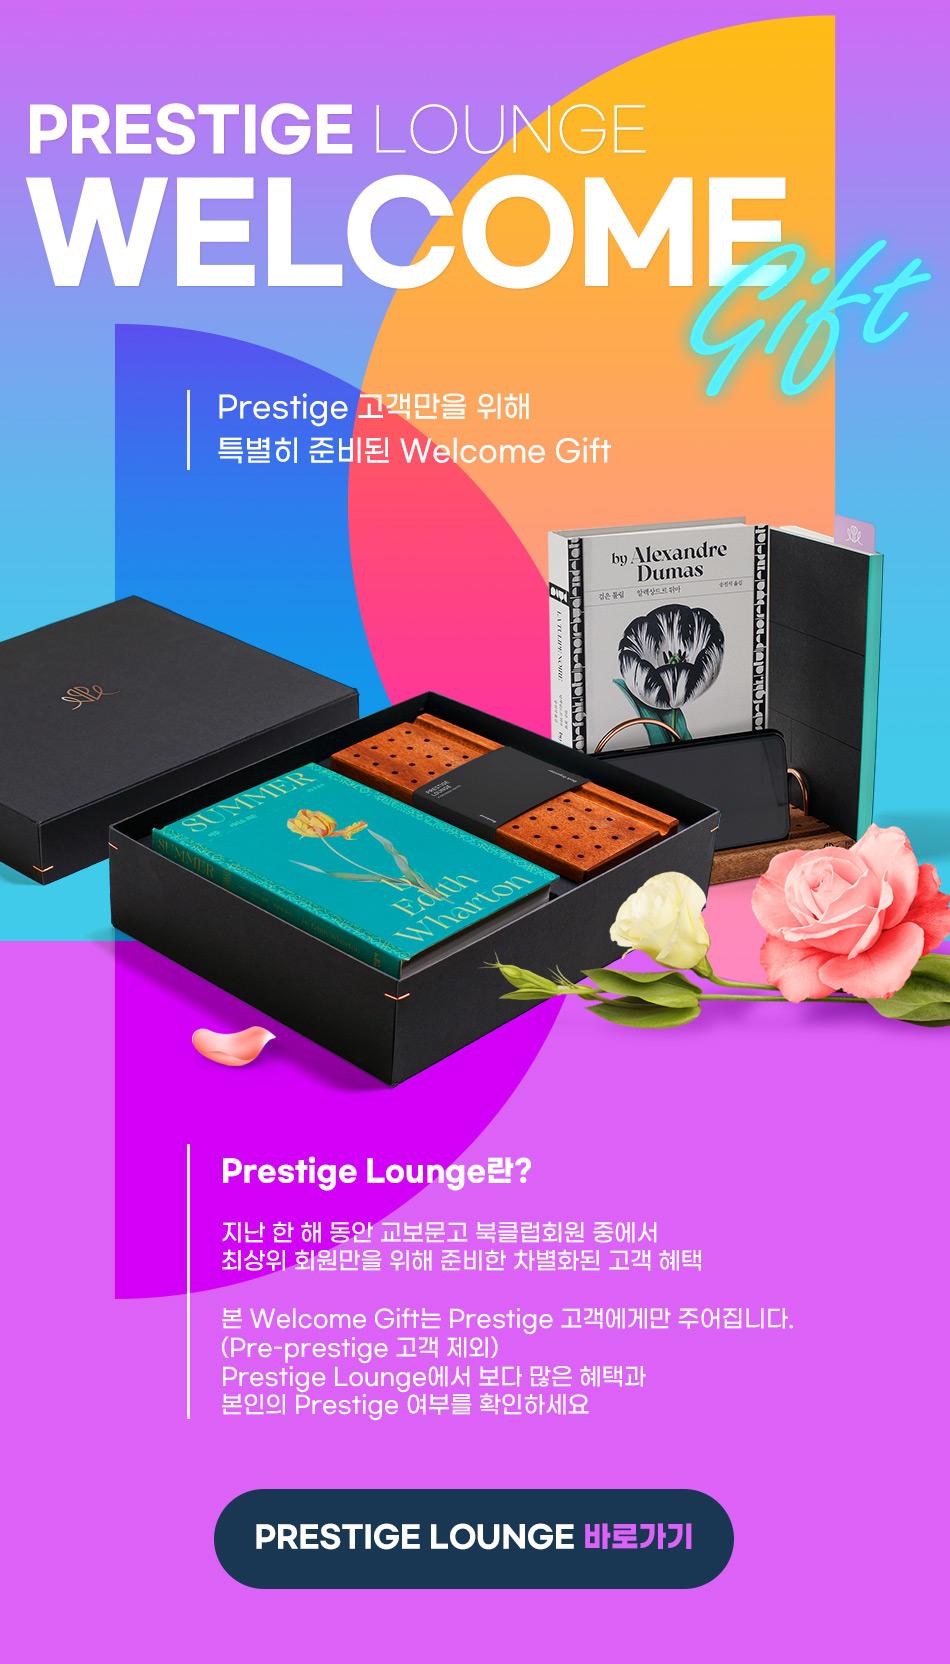 PRESTIGE LOUNGE WELCOME Gift/ Prestige 고객만을 위해 특별히 준비된 Welcome Gift